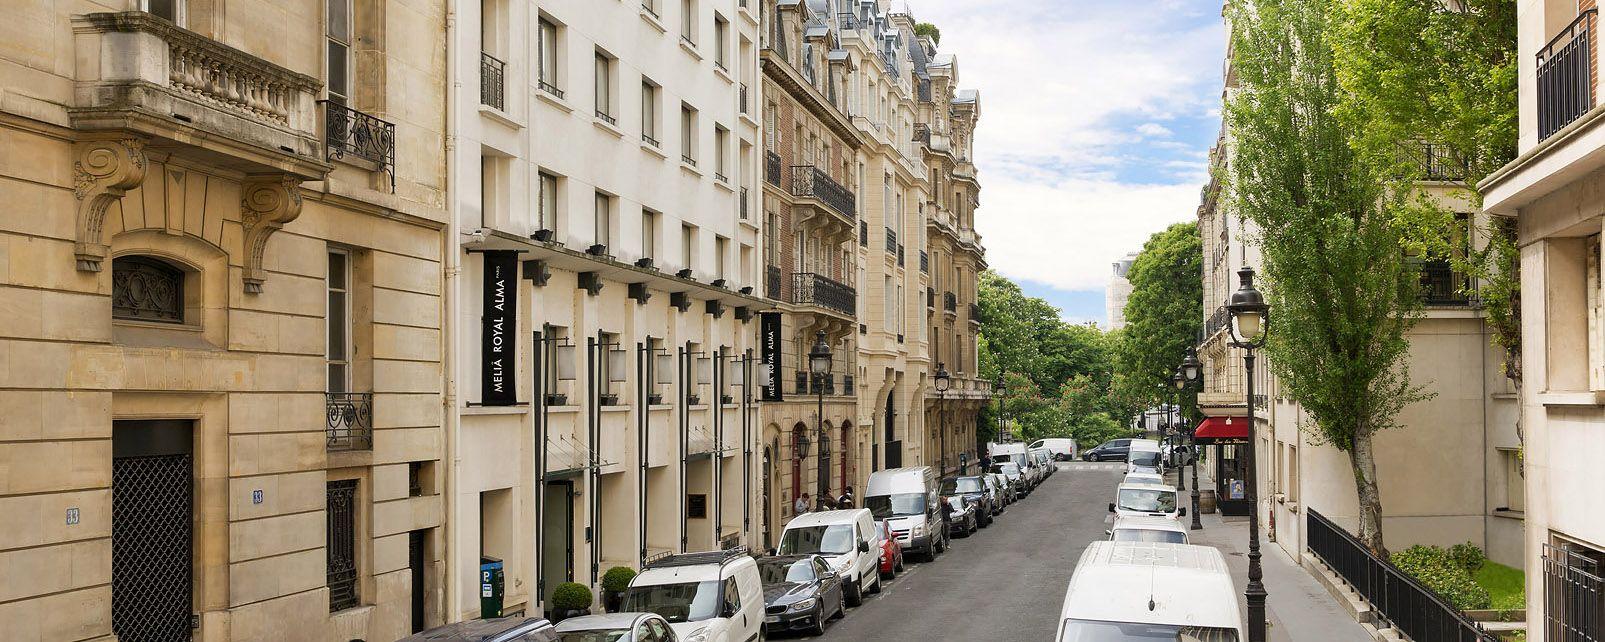 Hotel Melia Rue Jean Goujon